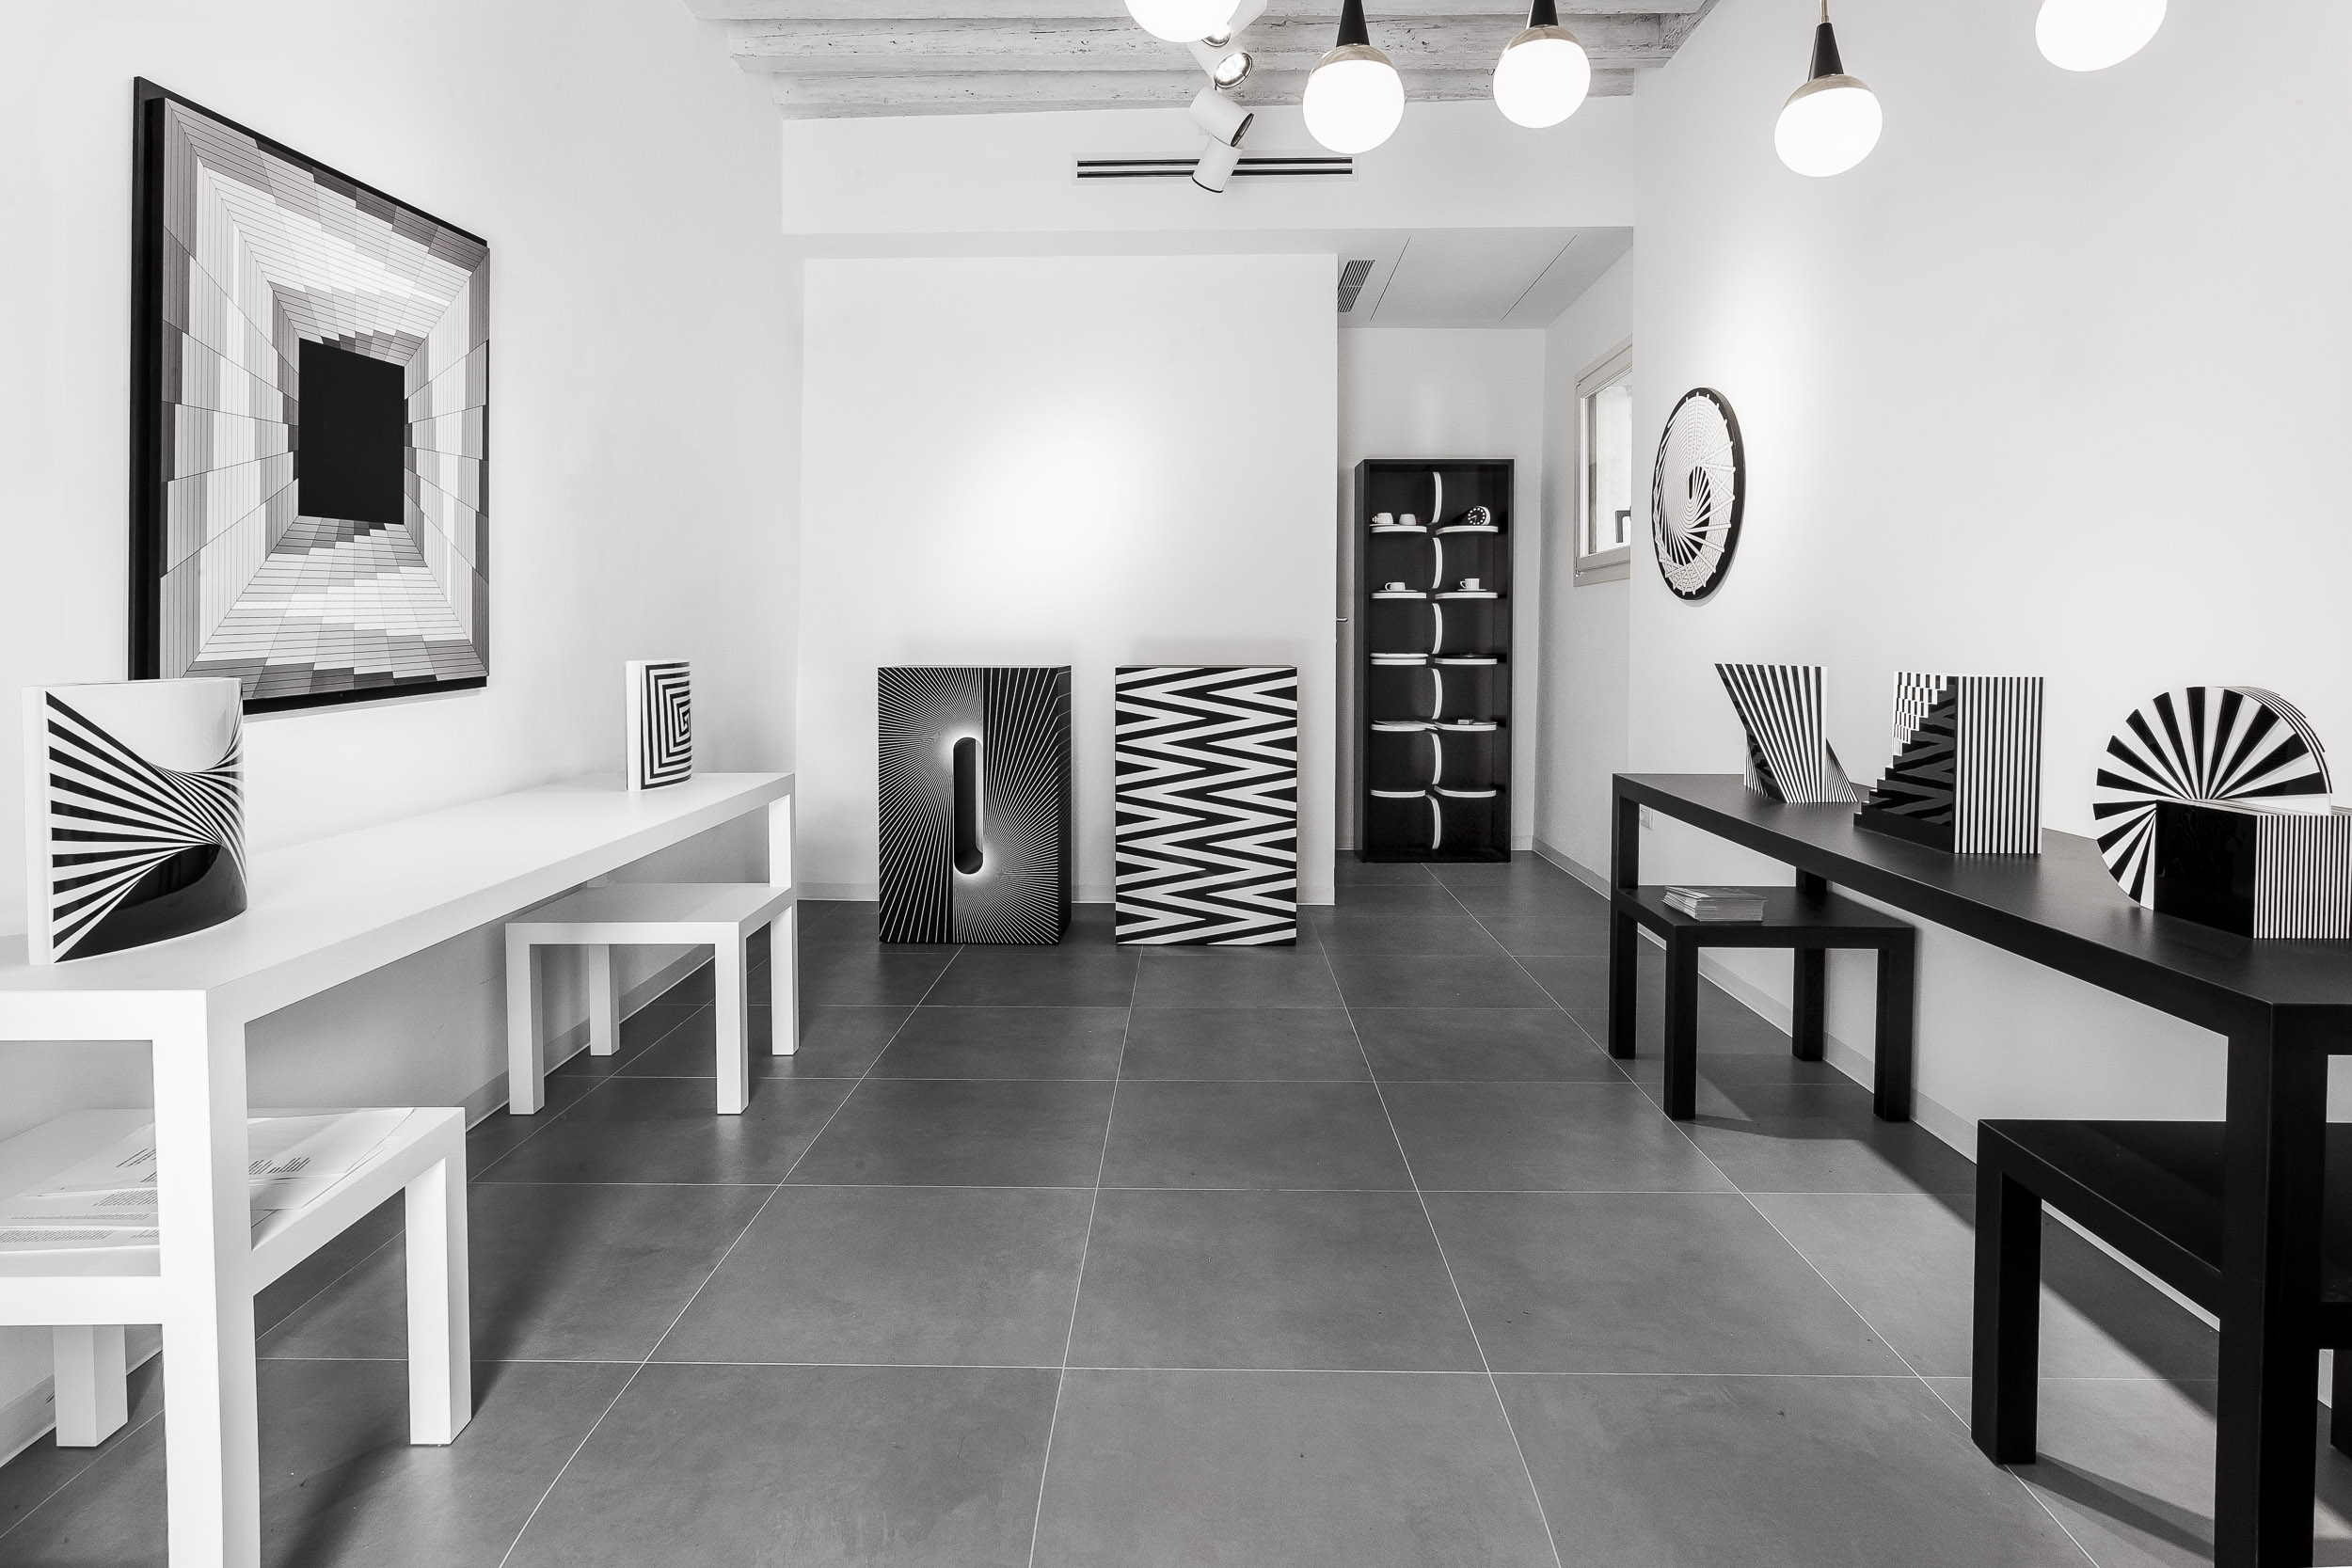 Installation view of Architetture d'arte, Marcello Morandini, struttura, pannelo, scultura